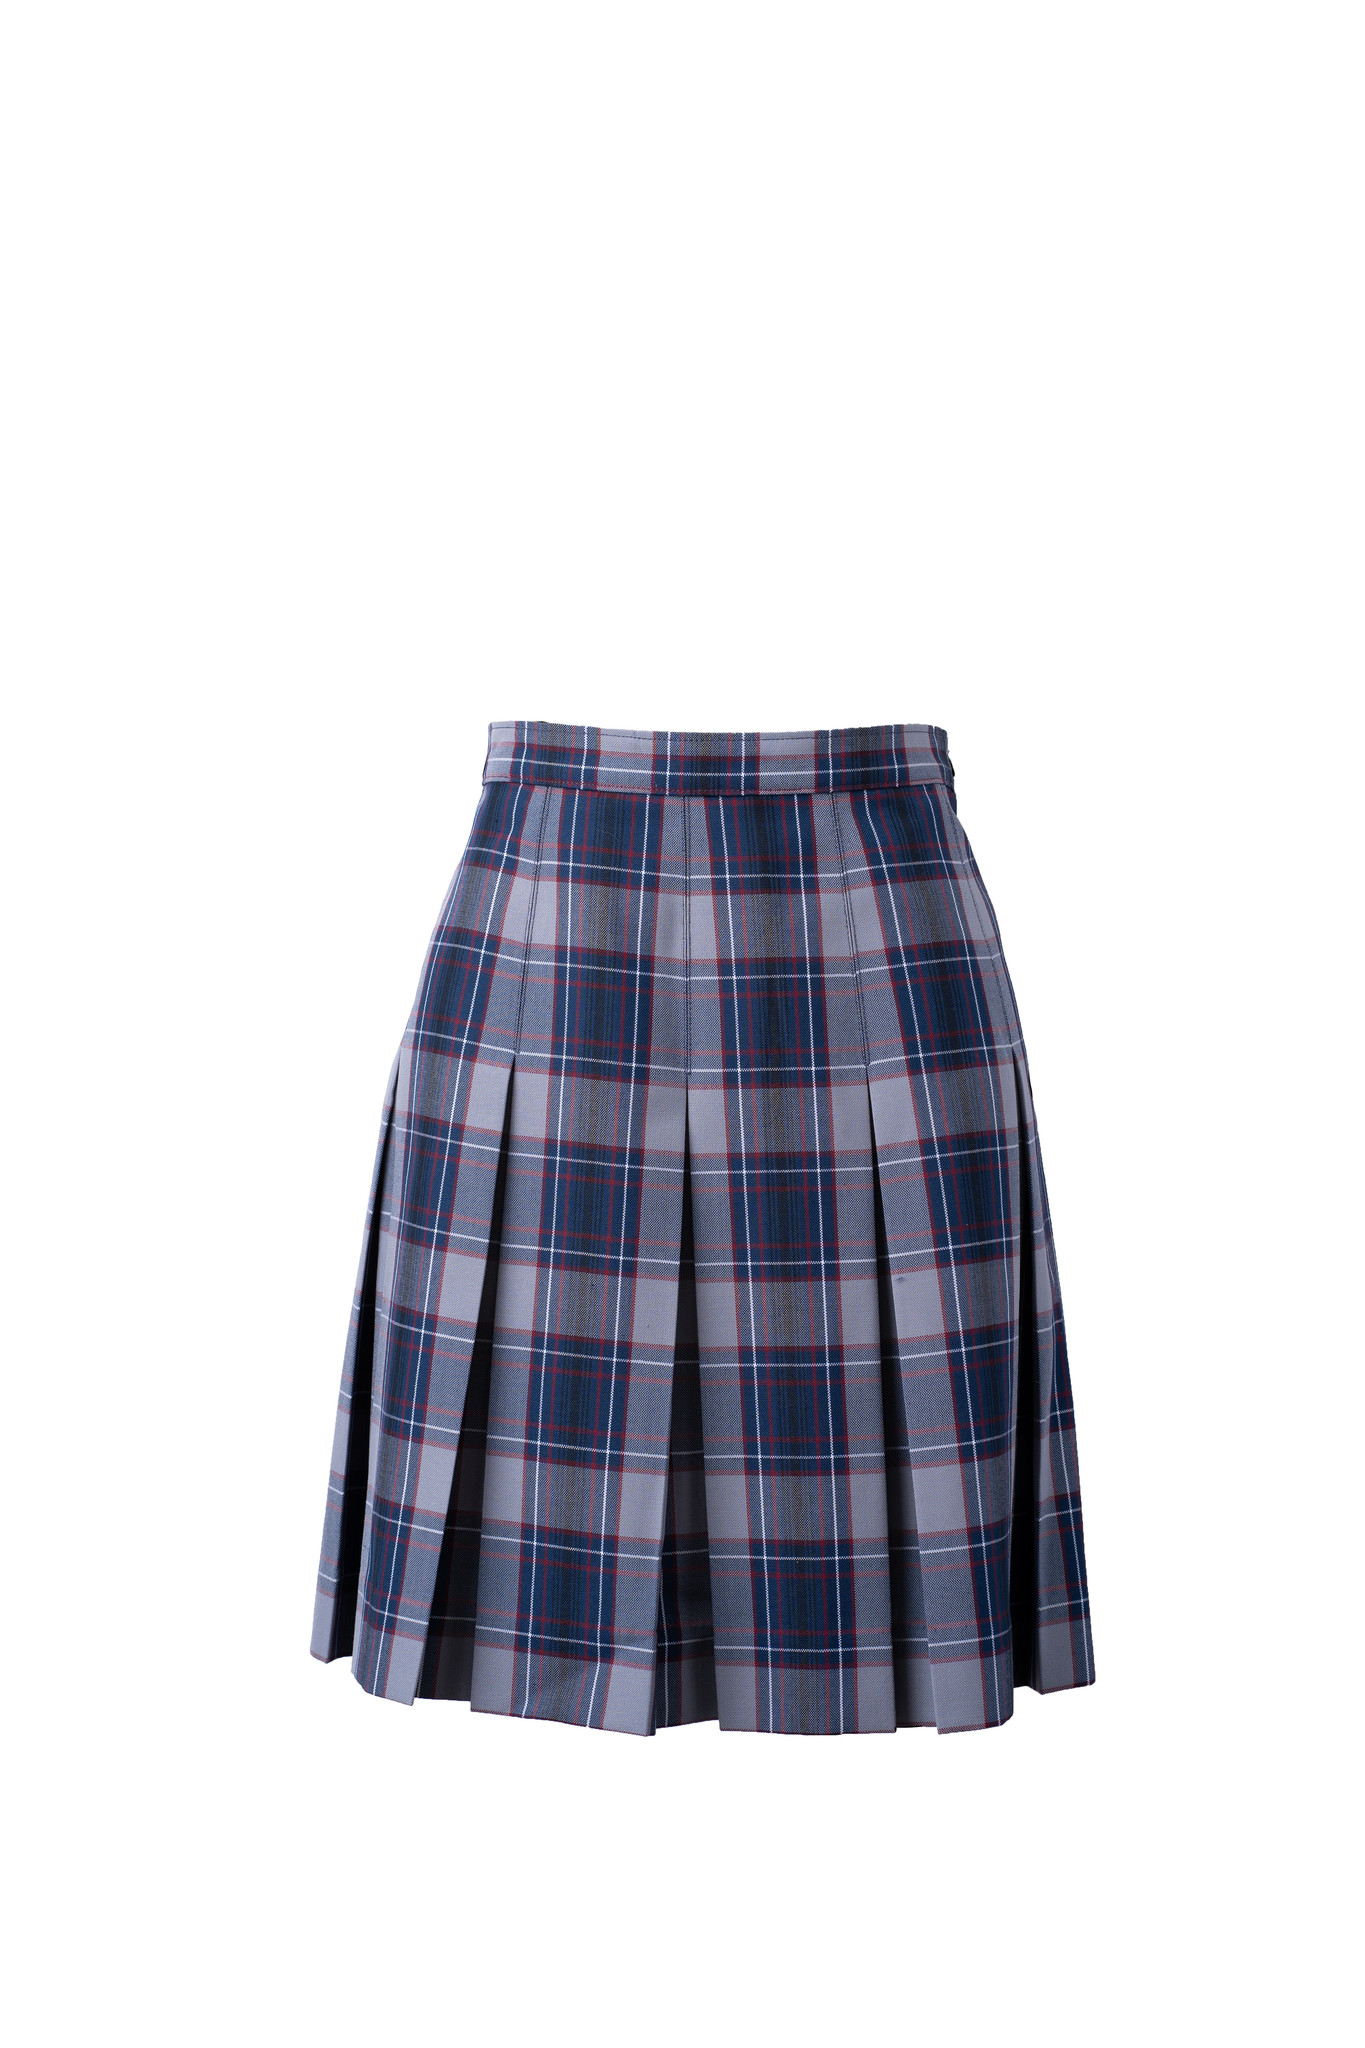 Sacred Heart School (SHS) Four Pleat Skirt